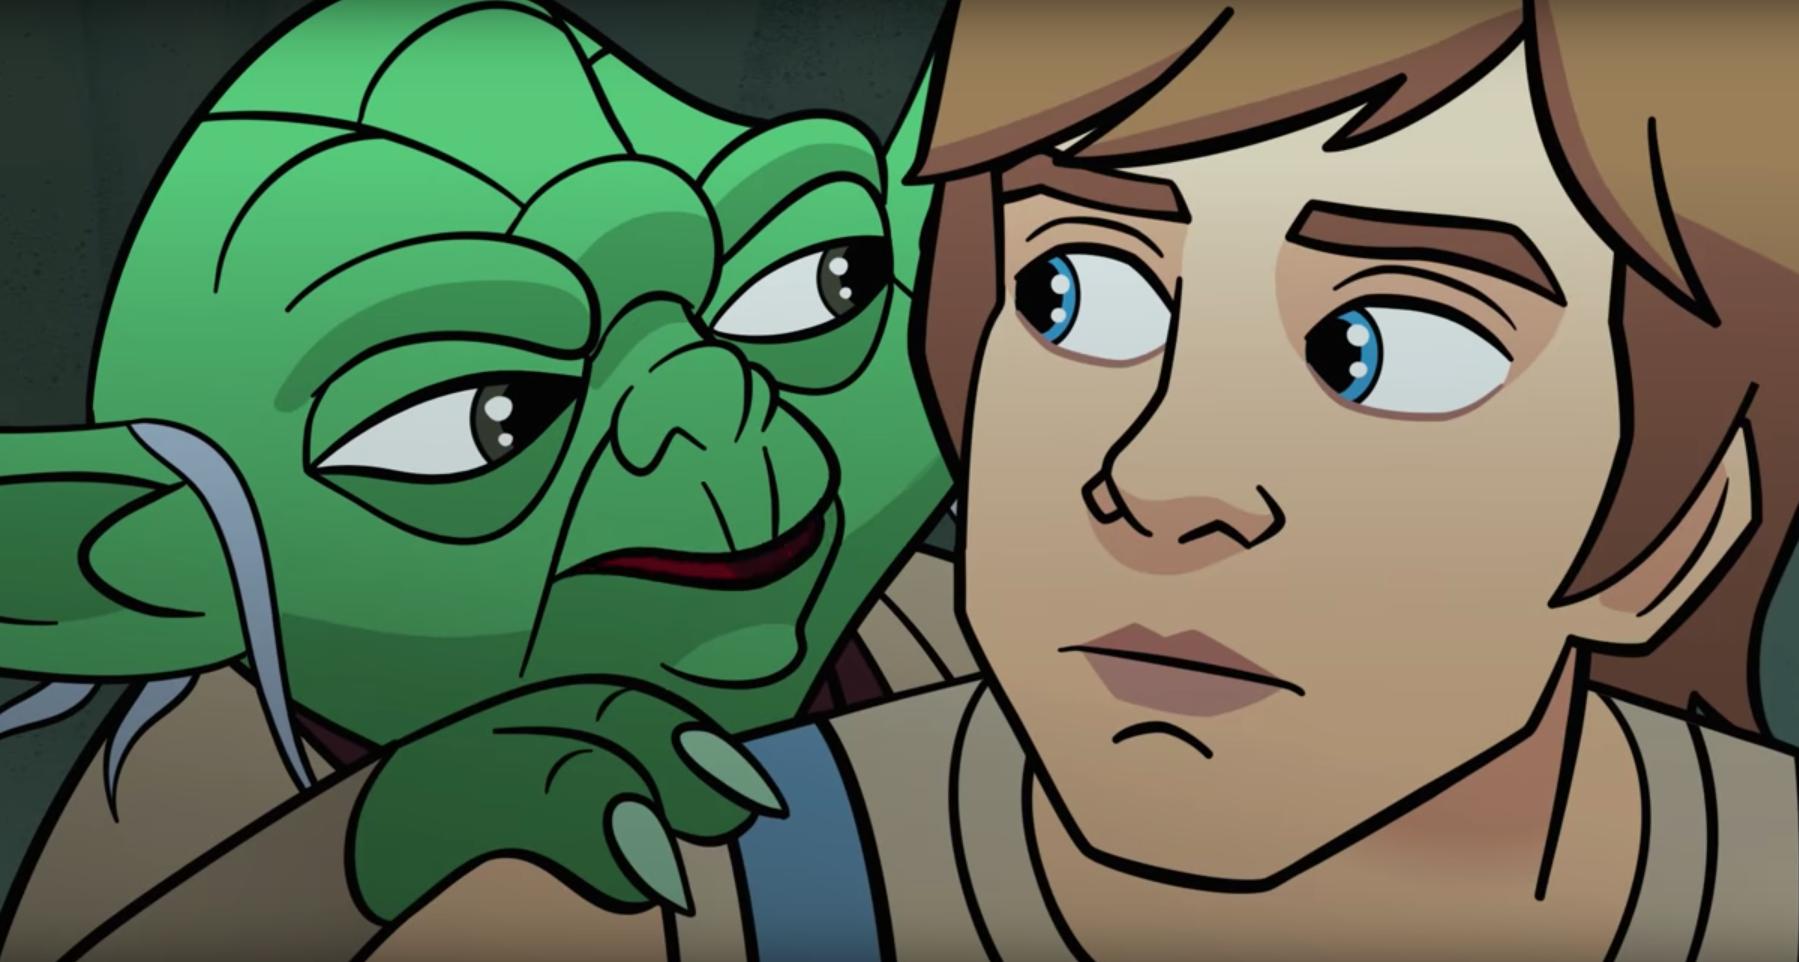 Mark Hamill returns as Luke Skywalker for new Star Wars short